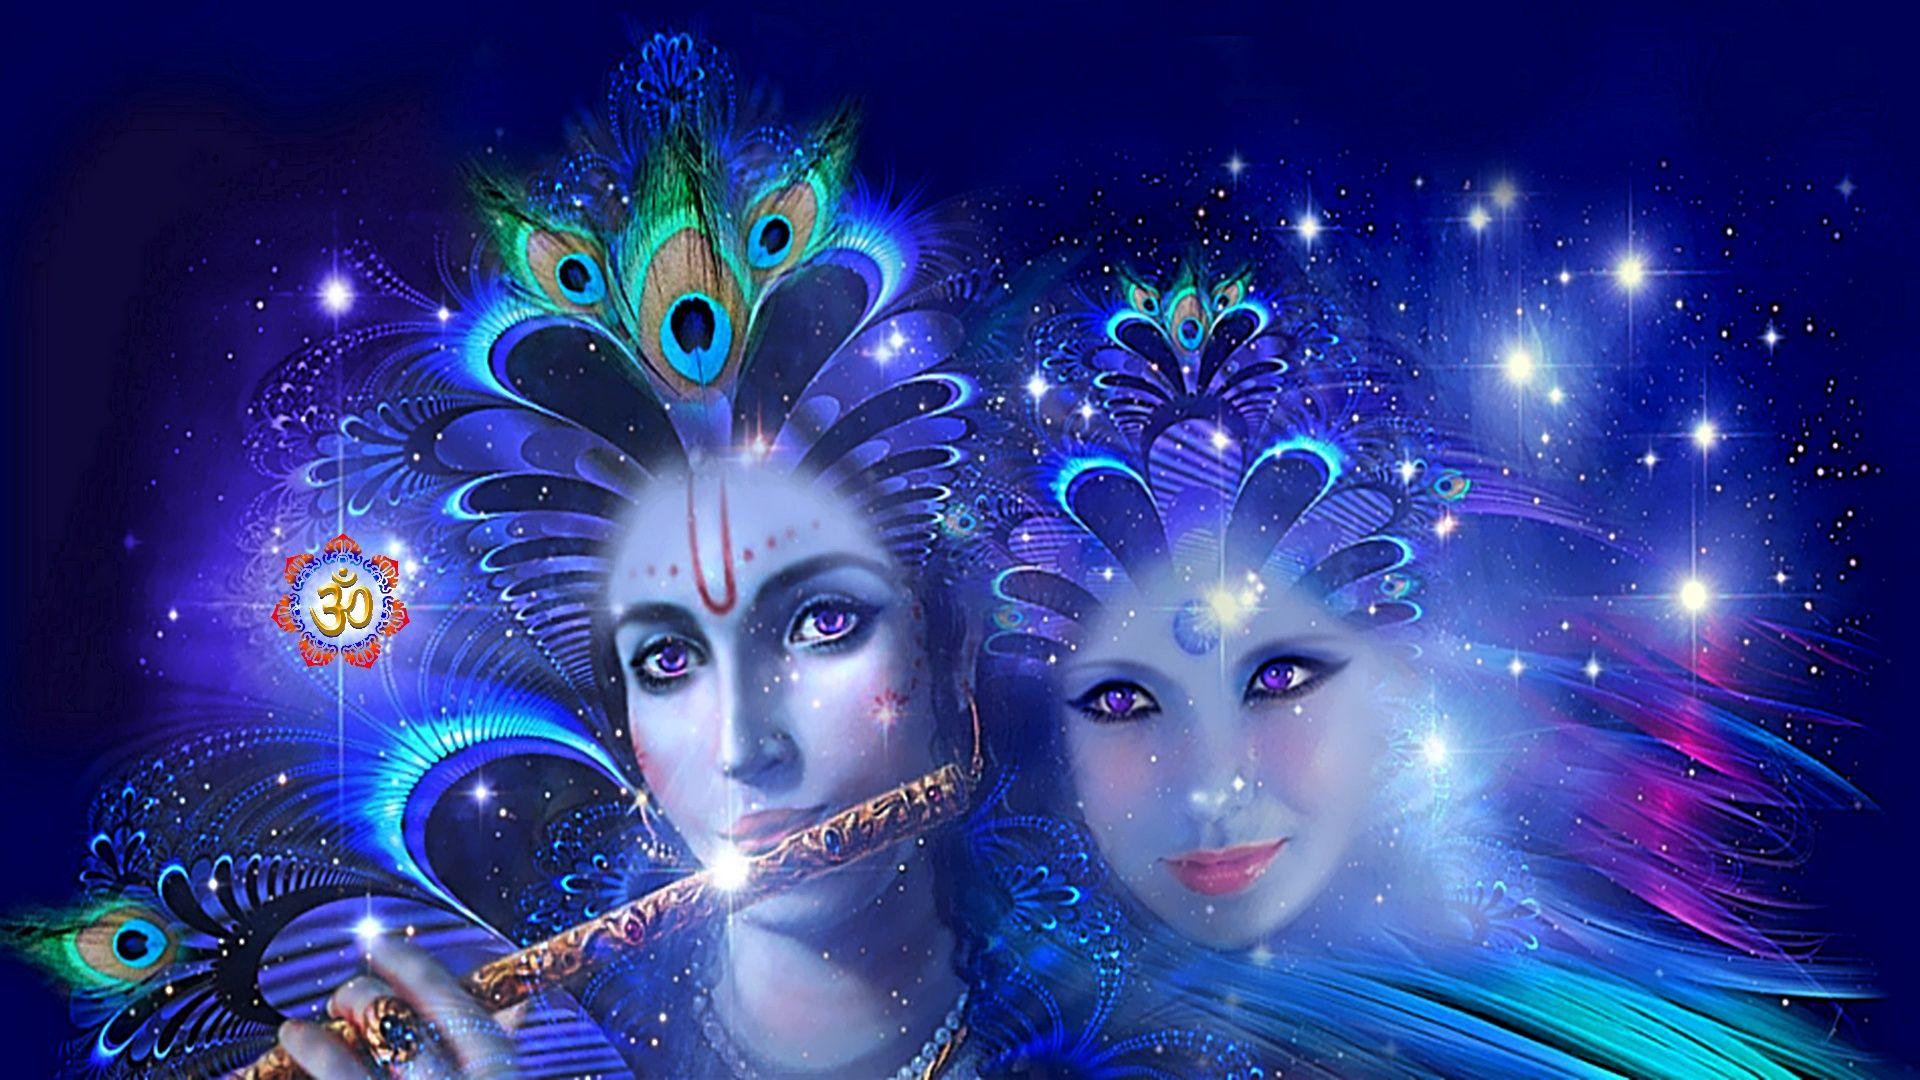 Loves krishna nice hd wallpapers krishna hd wallpapers wallpaper - Lord Krishna Hd Wallpapers Images For Lord Krishna Hd Wallpapers Lord Krishna Hd Wallpaper For Free L